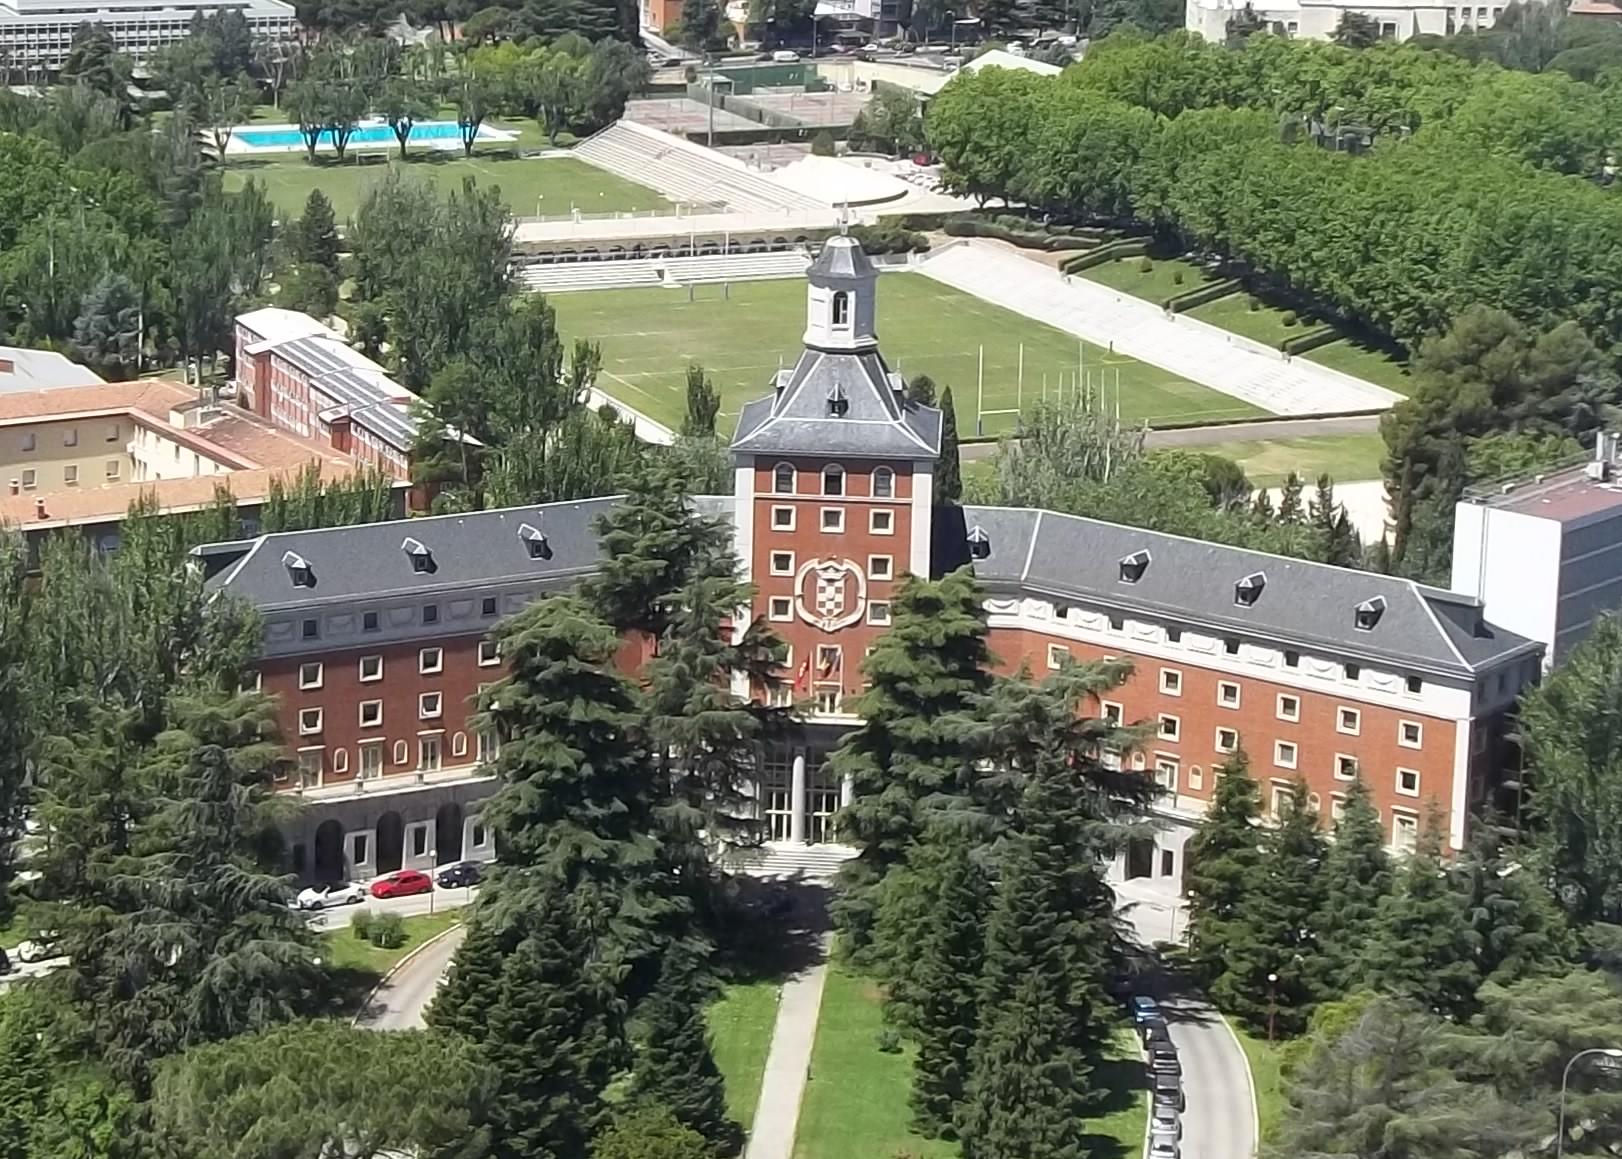 universidades-mais-antigas-do-mundo-madrid